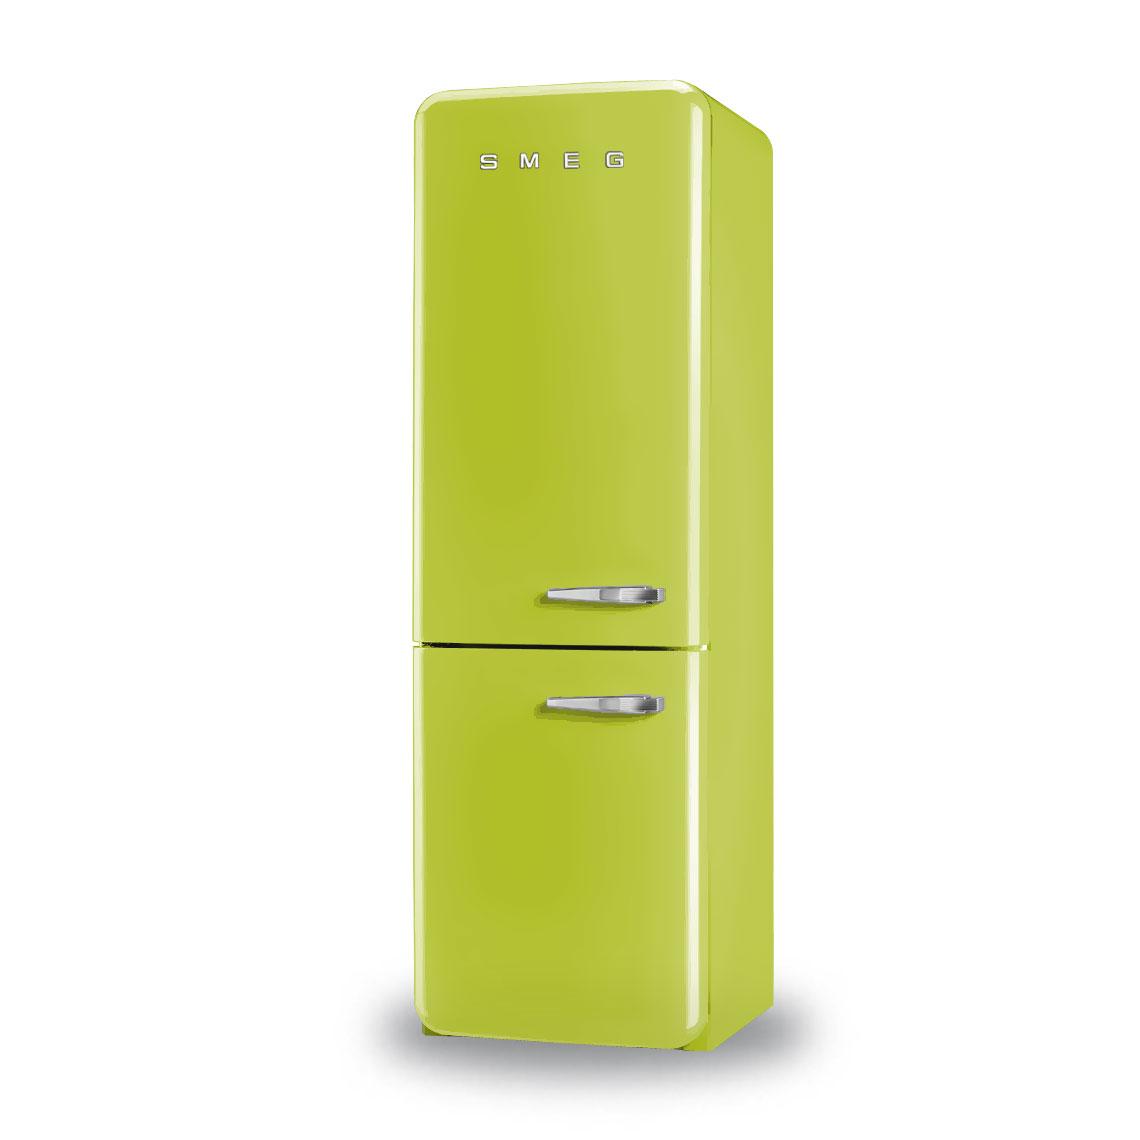 smeg fab32 left hinged refrigeration. Black Bedroom Furniture Sets. Home Design Ideas